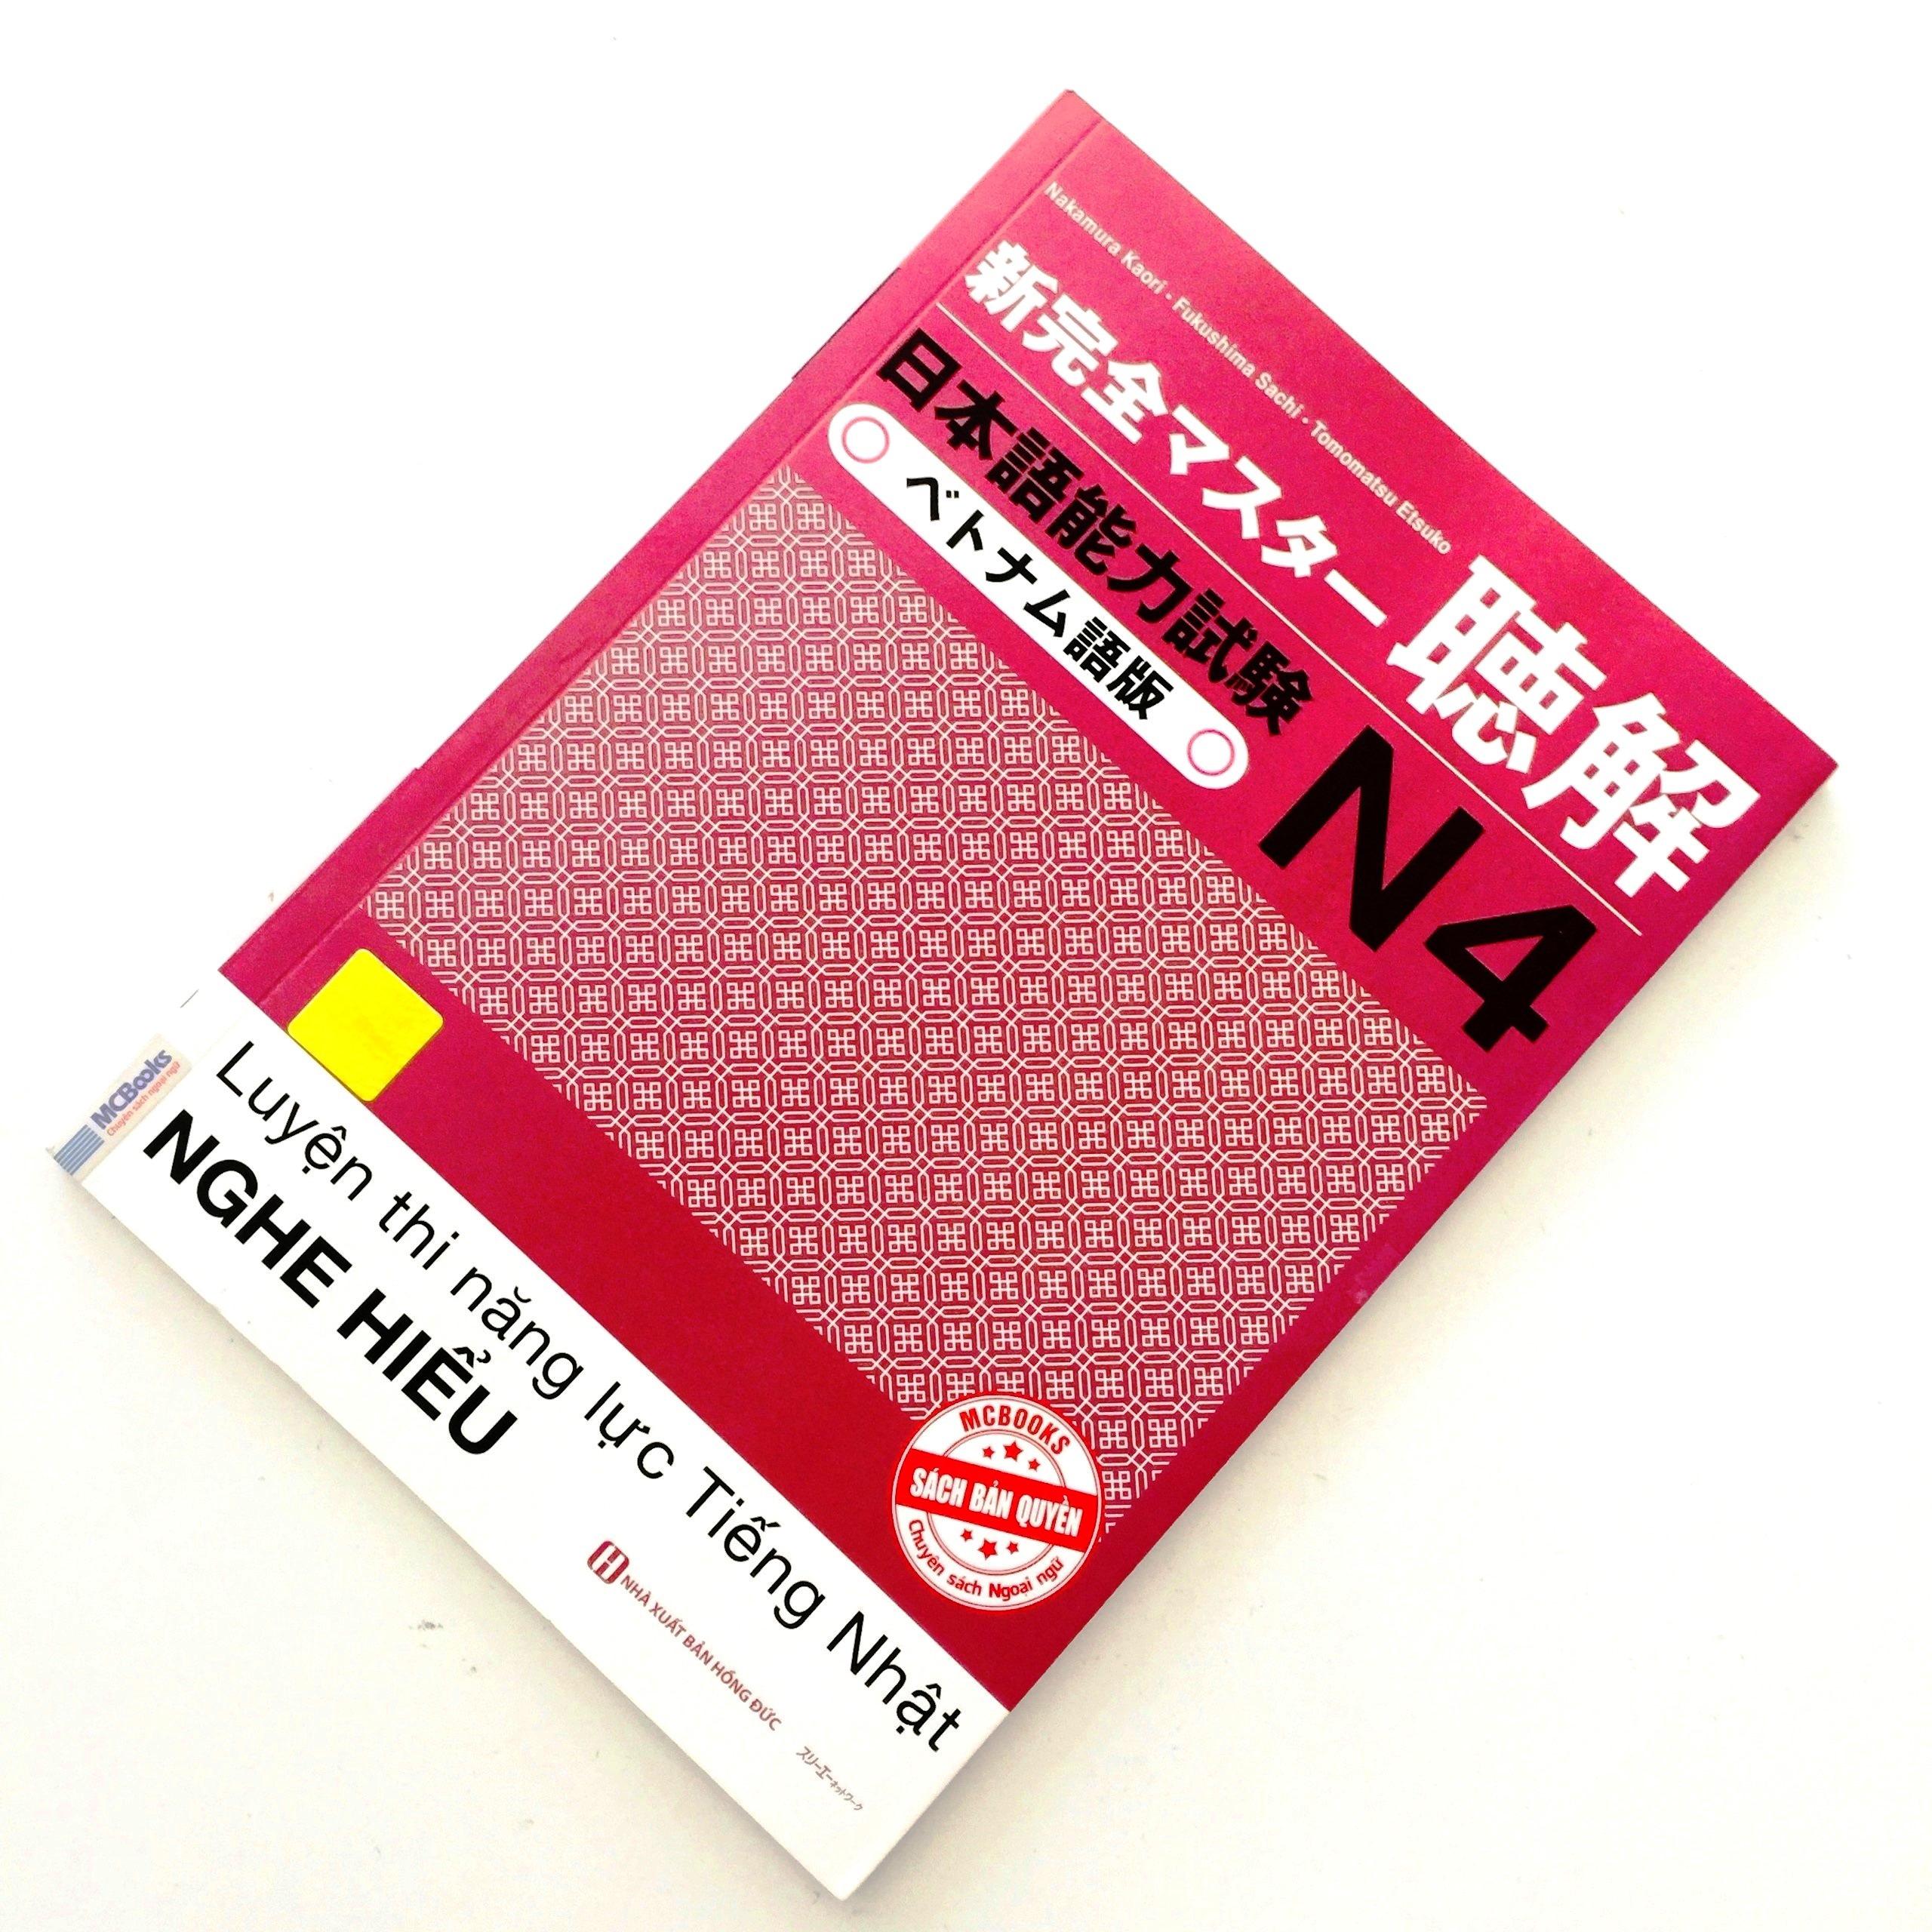 Sách Luyện Thi N4 Shinkanzen Masuta Choukai (Luyện Thi Năng Lực Tiếng Nhật N4 Nghe Hiểu – Có Tiếng Việt)